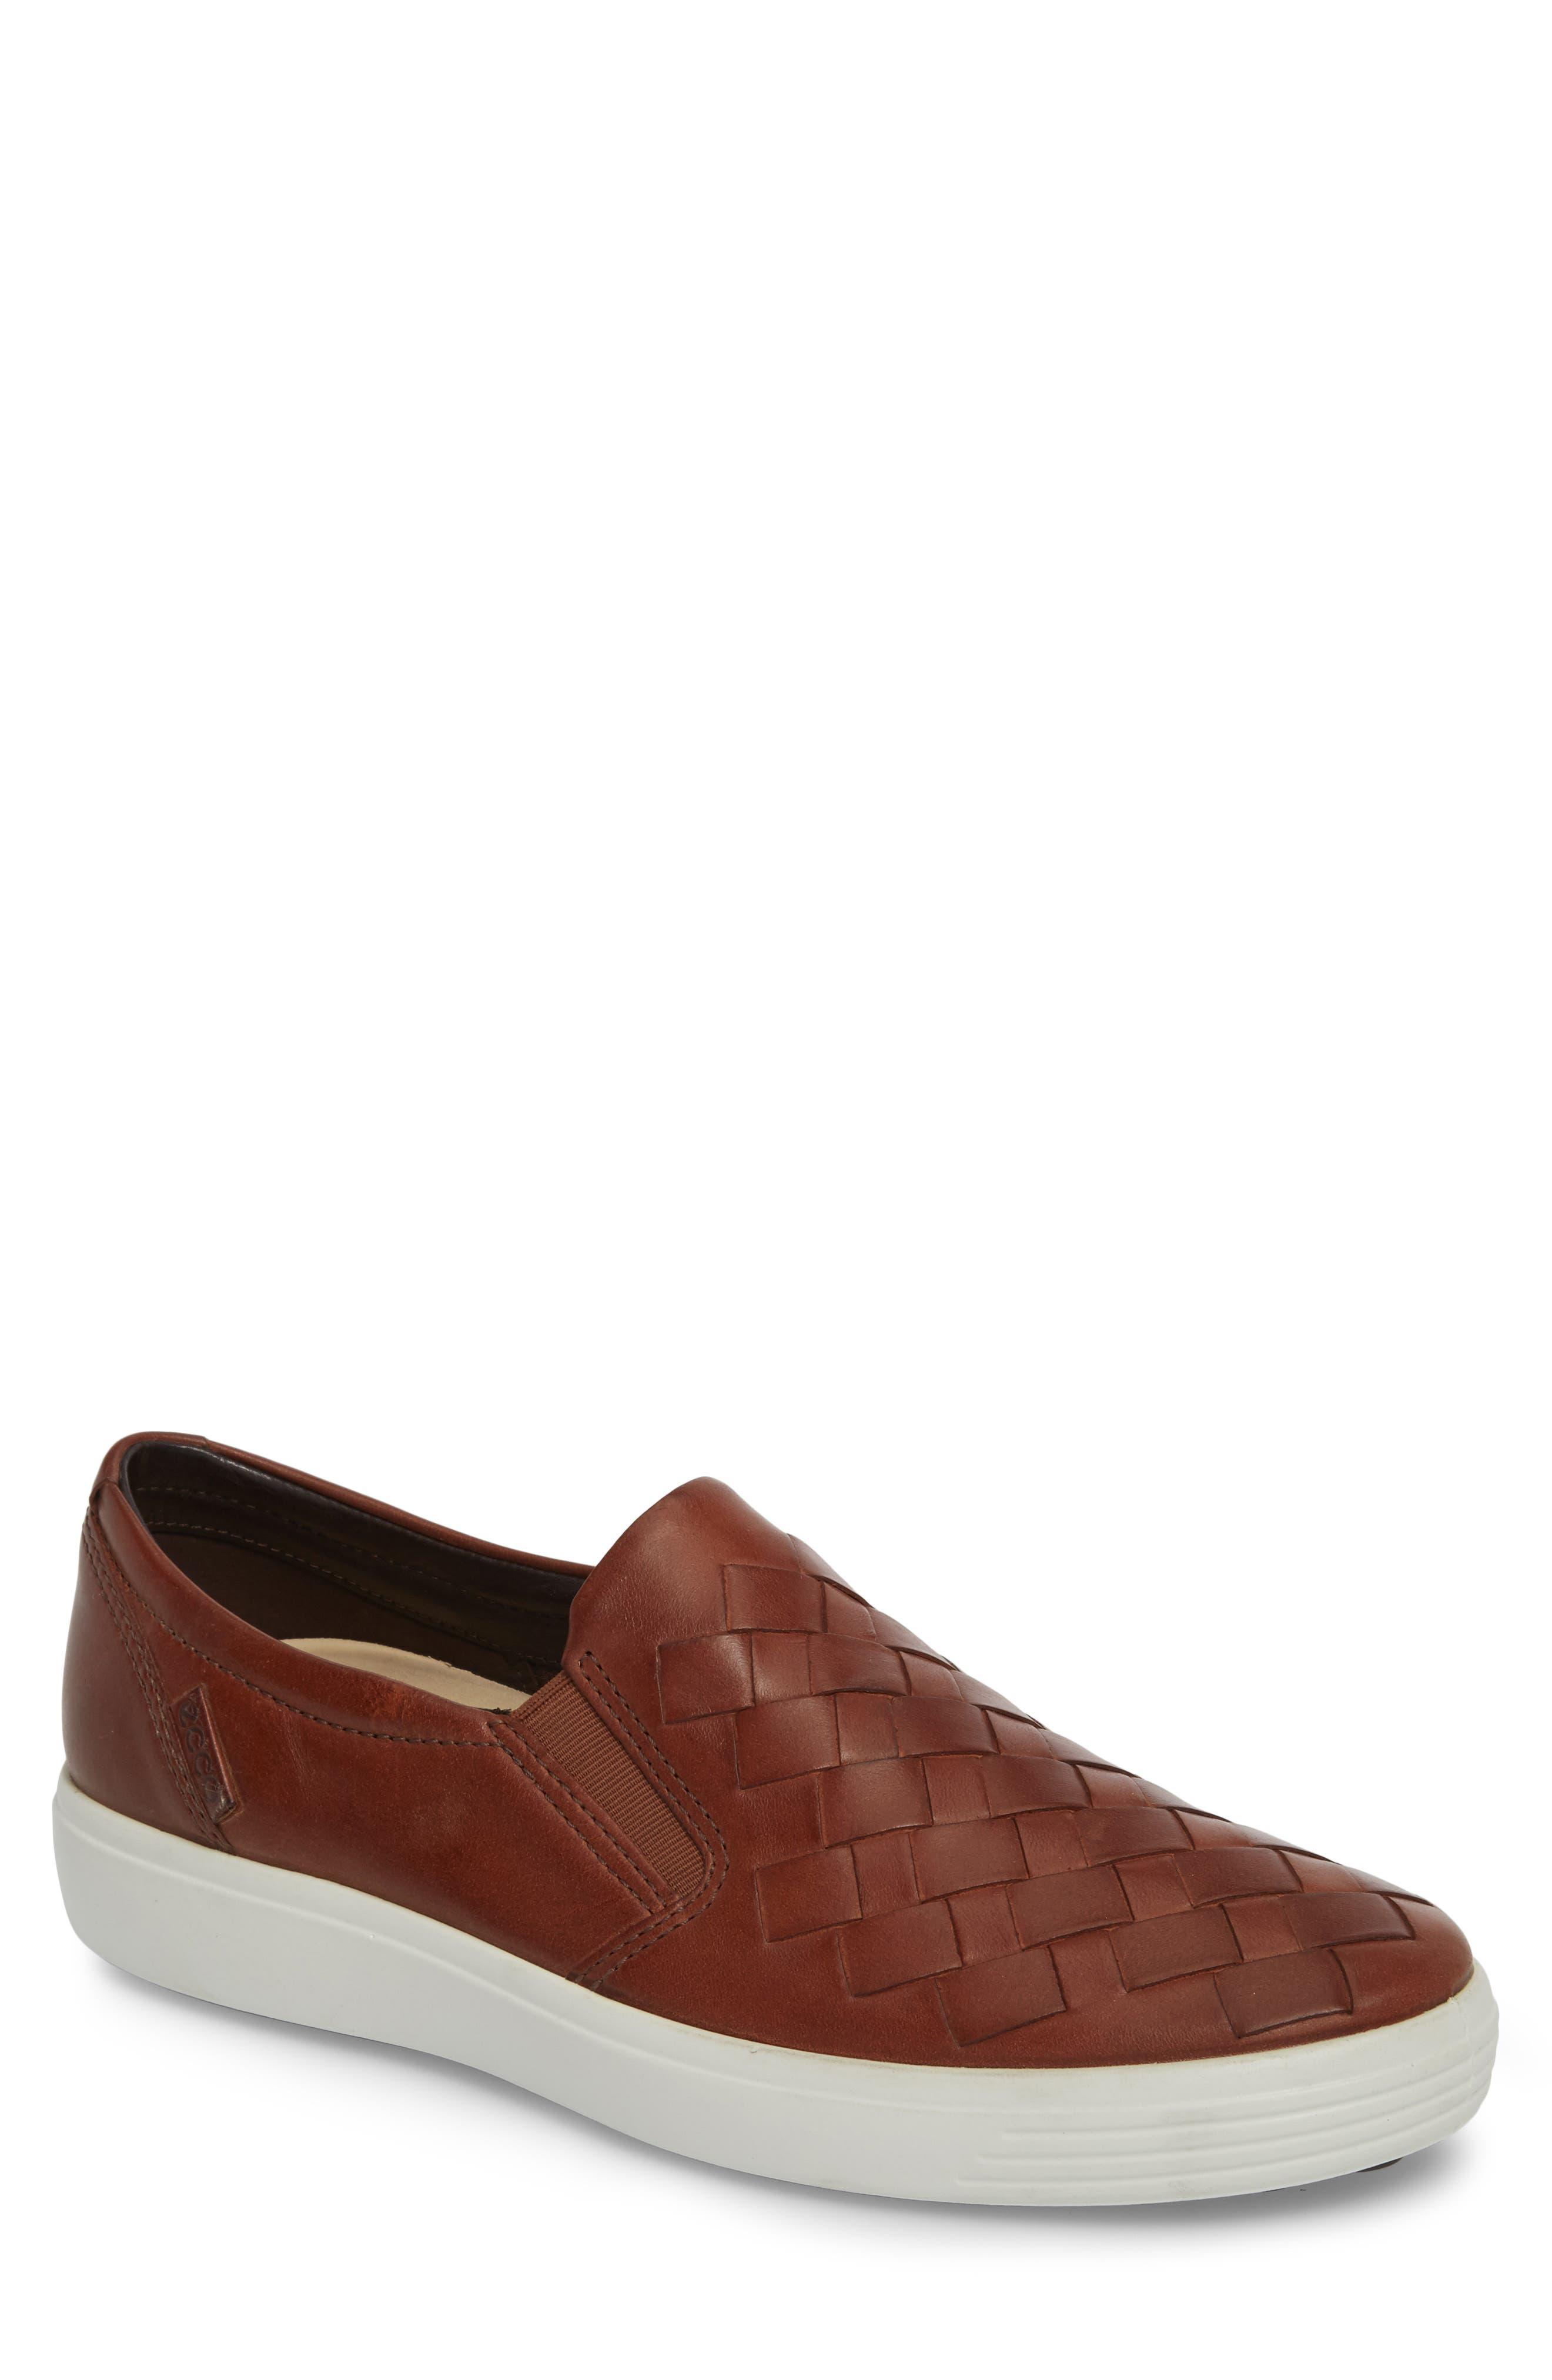 ECCO Soft 7 Woven Slip-On Sneaker (Men)